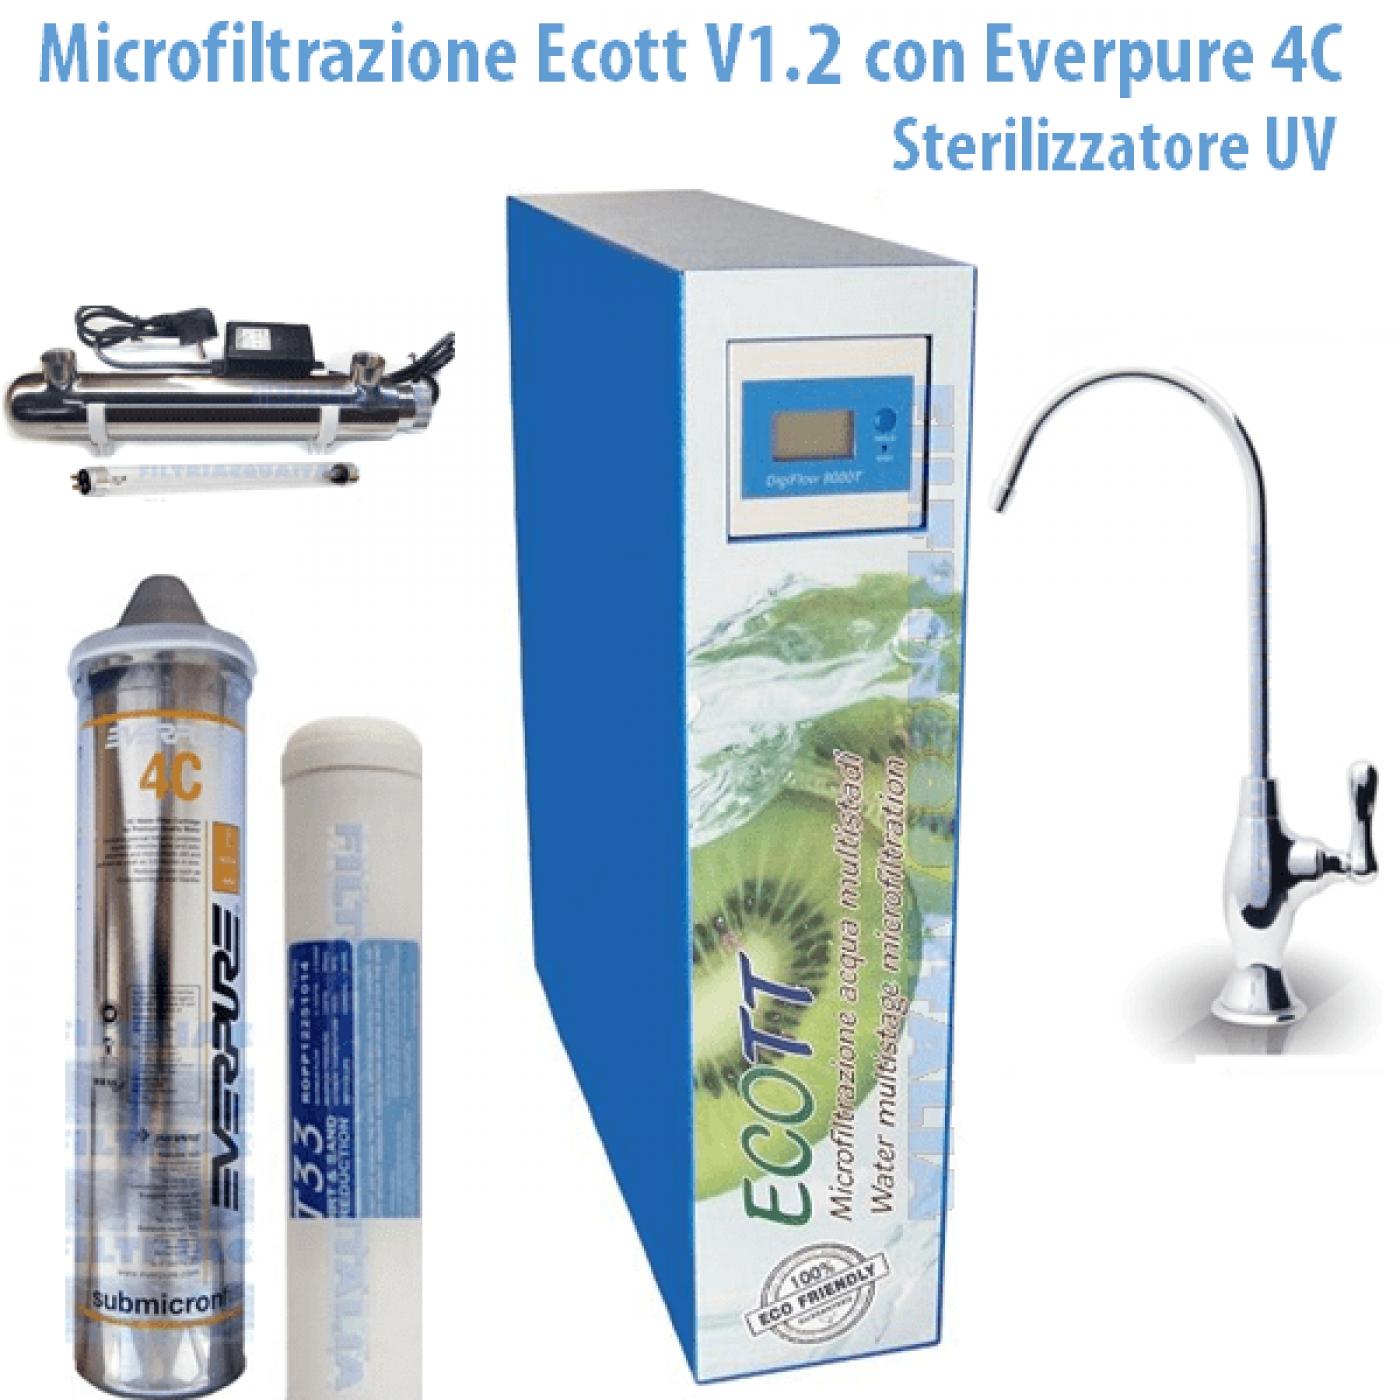 MICROFILTRAZIONE ACQUA ECOTT V1.2 CON FILTRO EVERPURE 4C E STERILIZZATORE UV